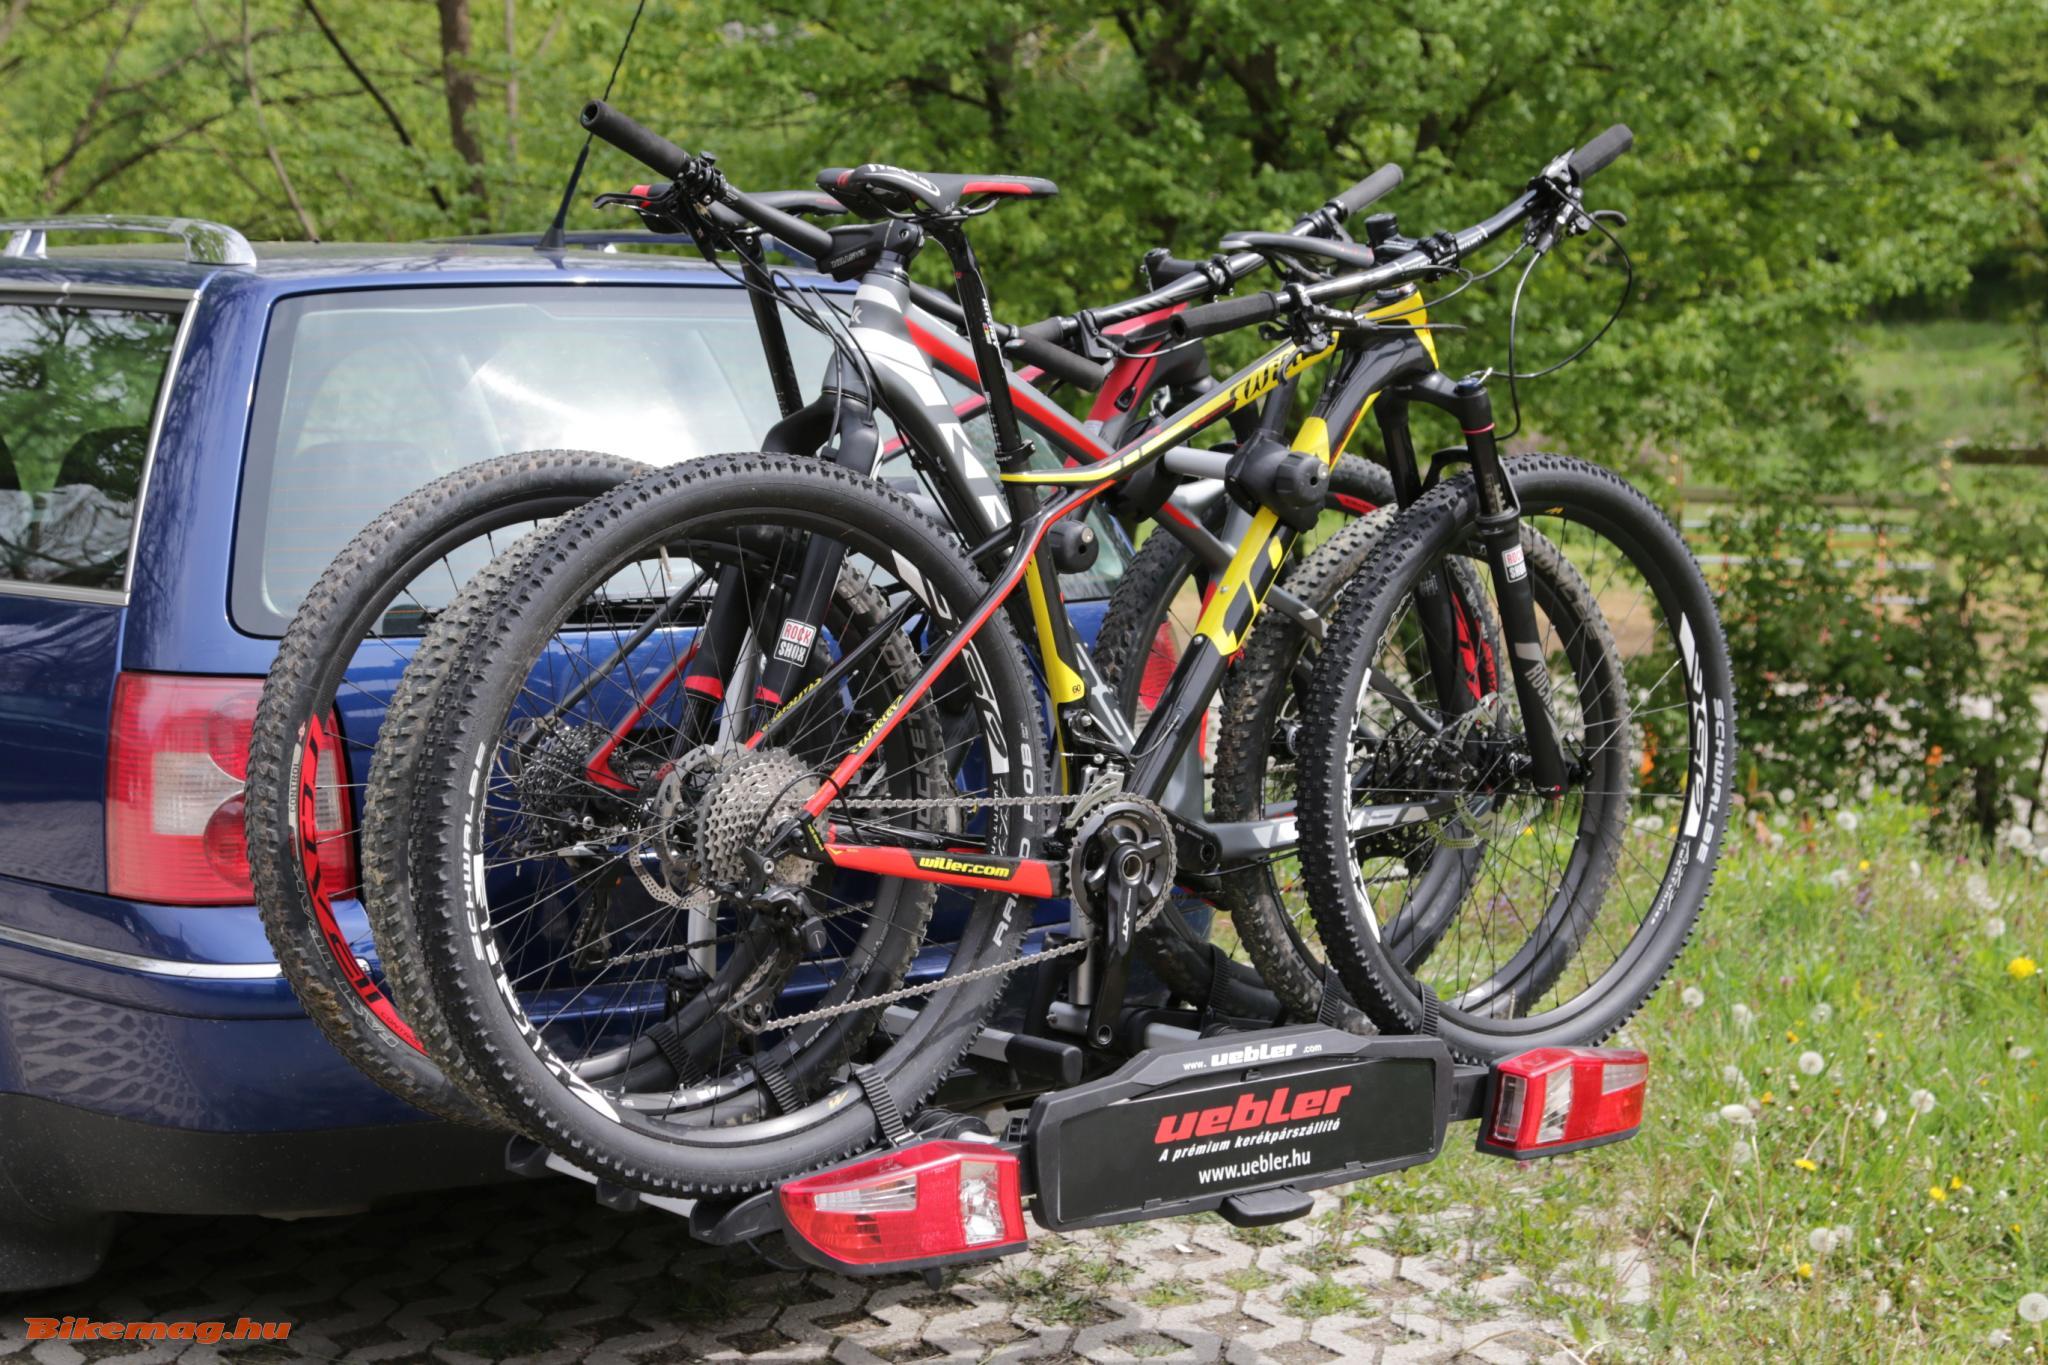 Milyen minőségű tartóra bíznál rá 2-4 millió forintnyi bringát?